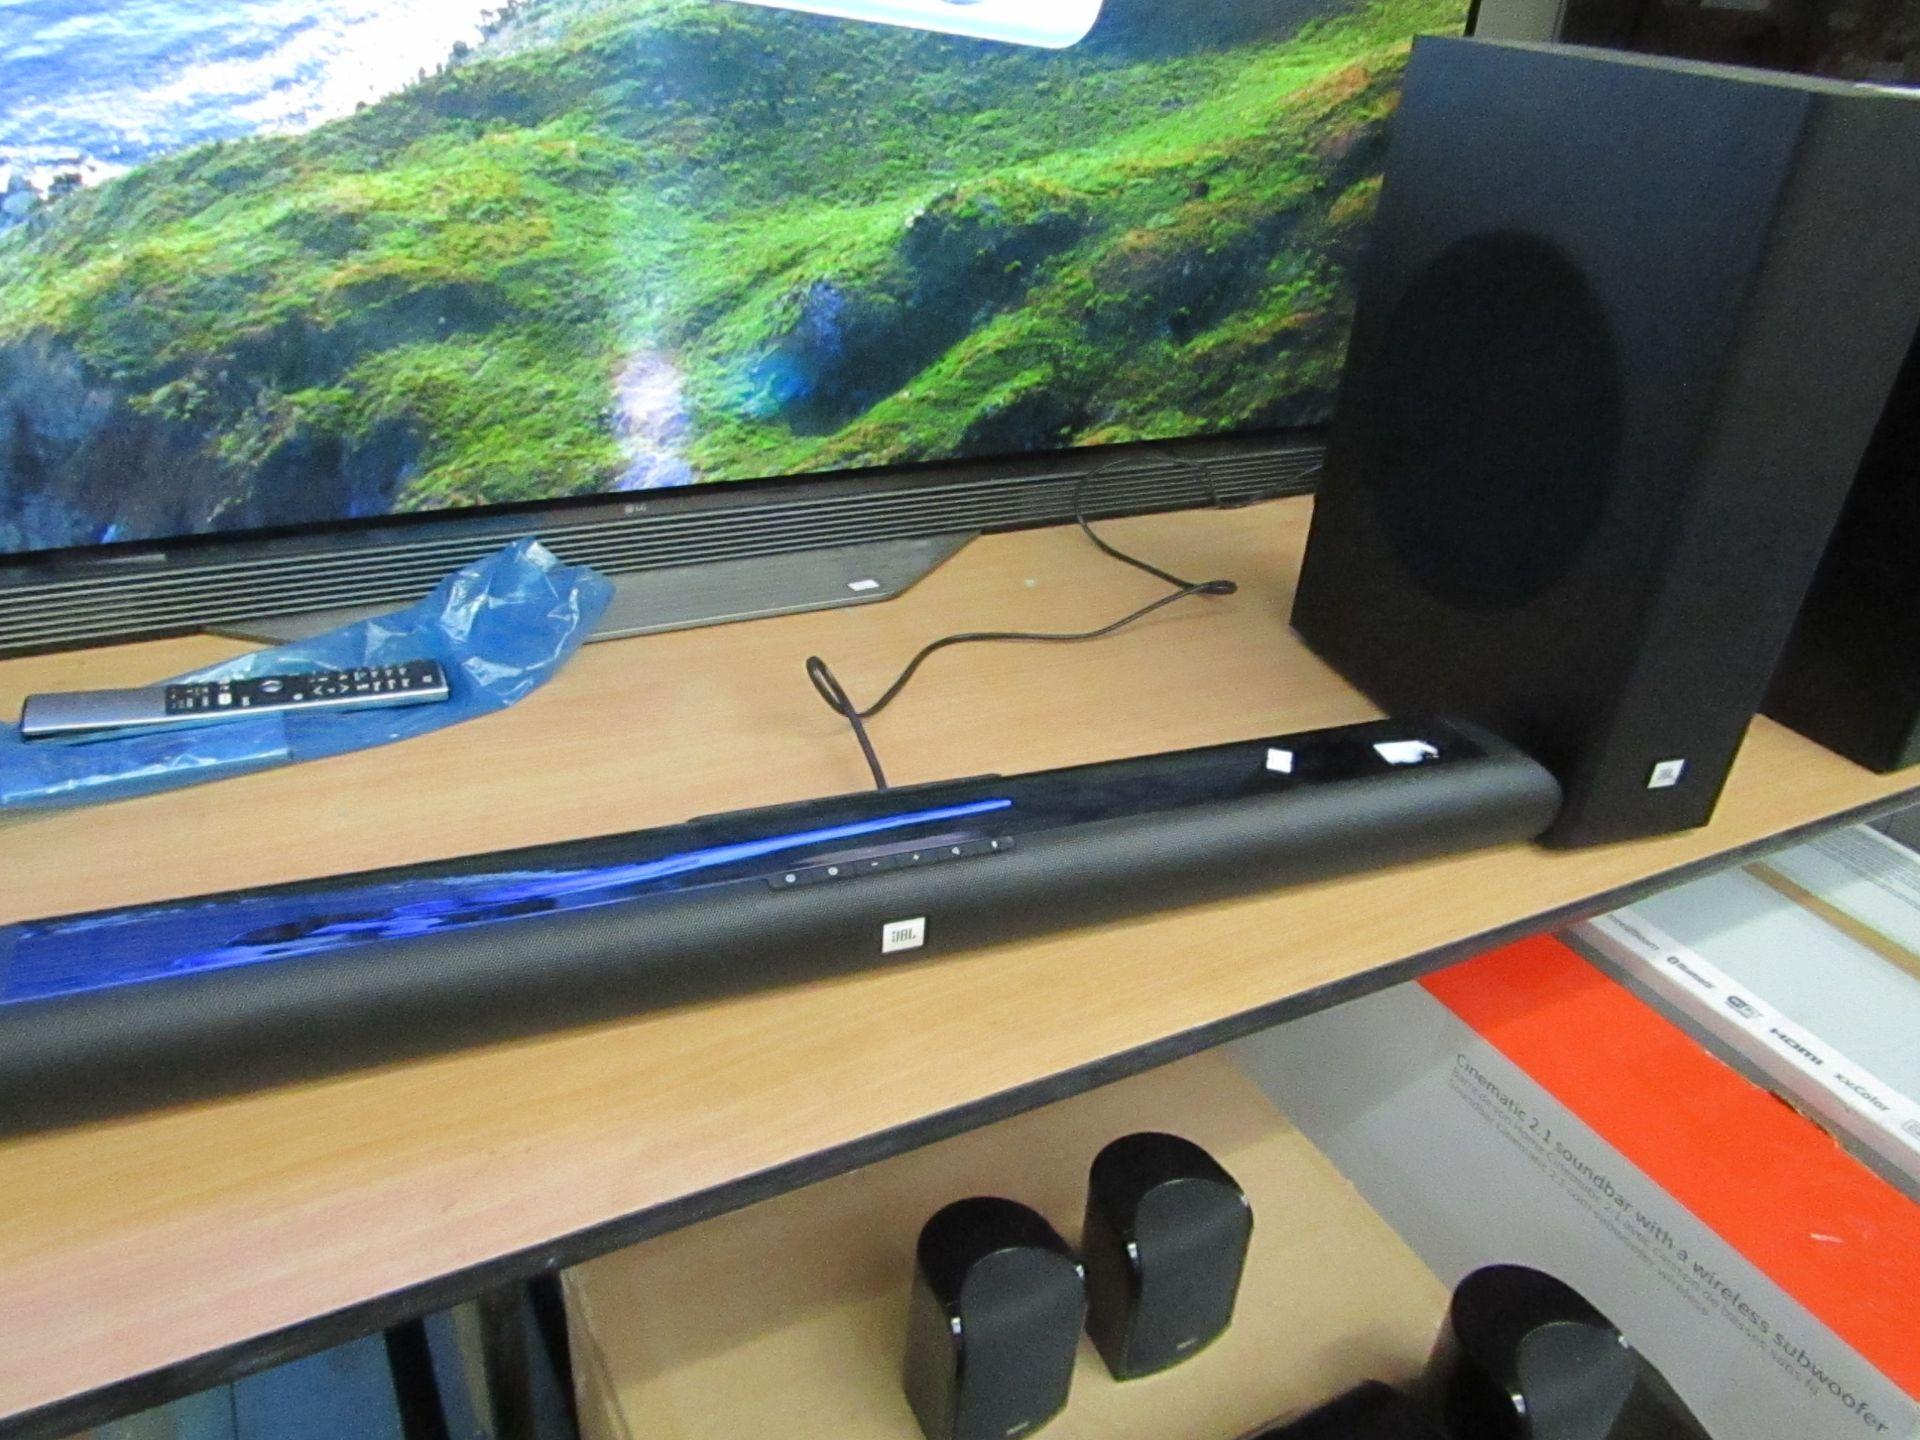 Lot 88 - JBL SB150 Home cinema soundbar £149.00, Boxed